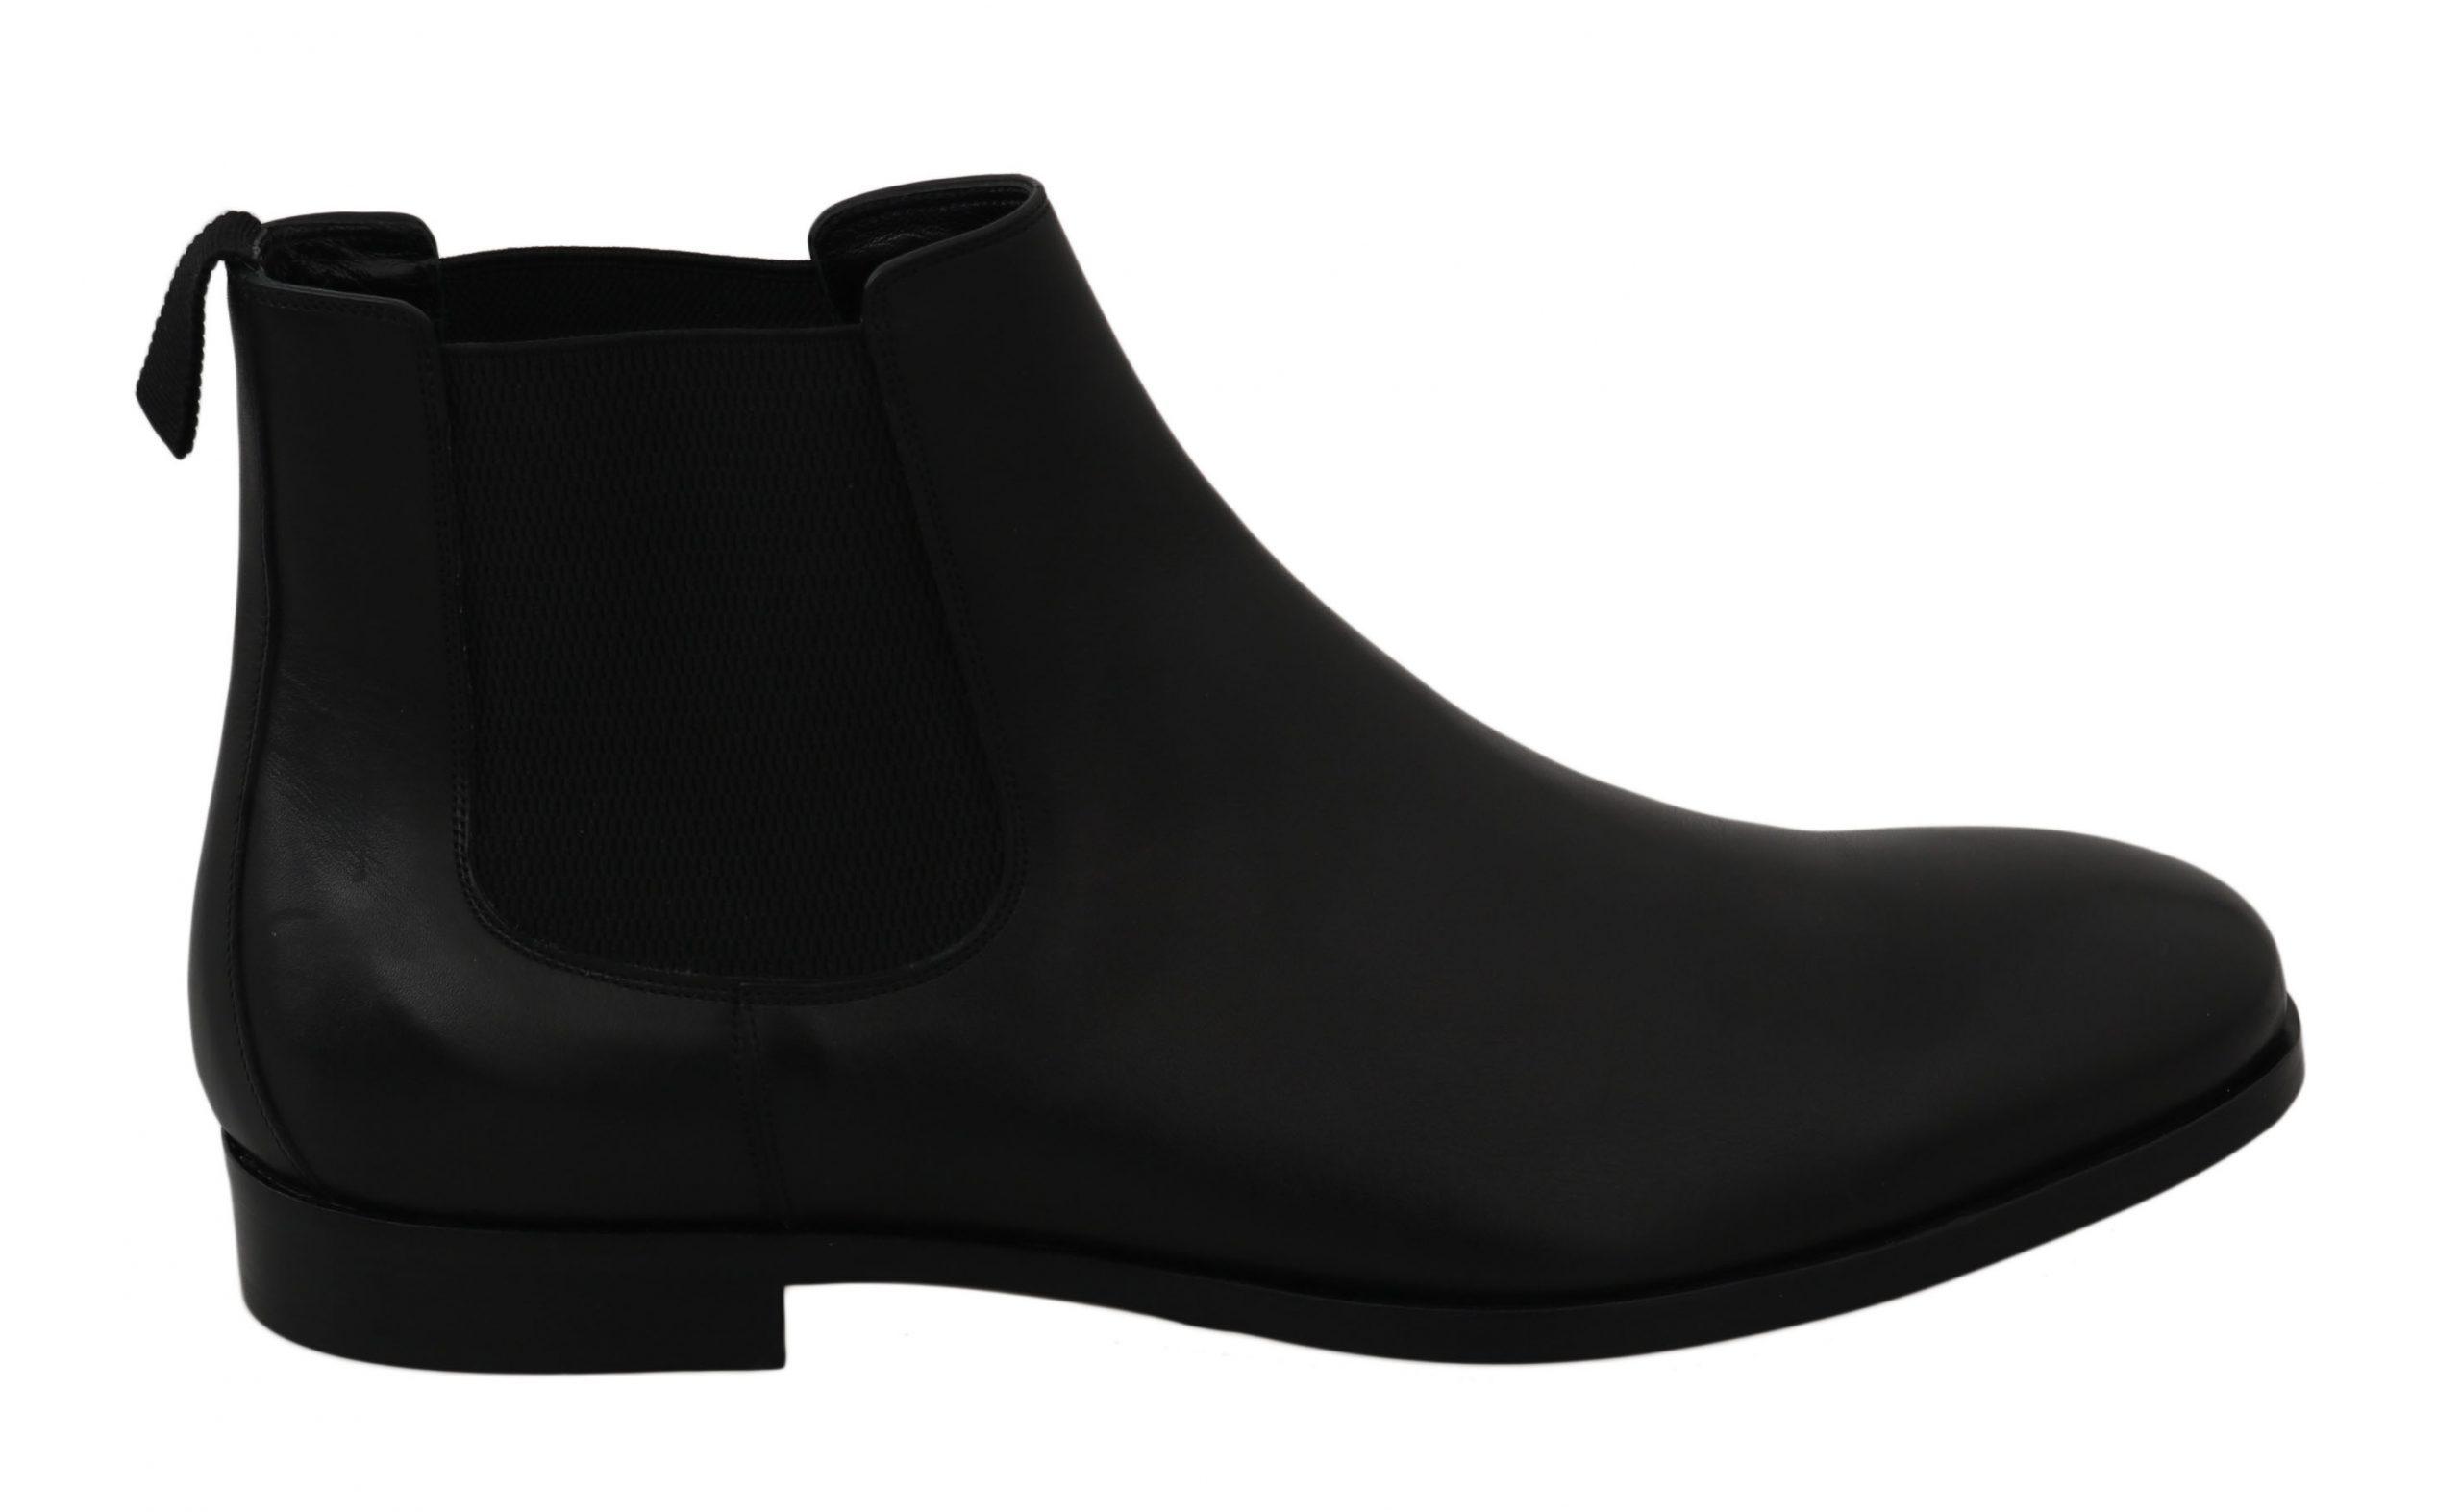 Dolce & Gabbana Men's Shoes Black MV2330 - EU39/US6